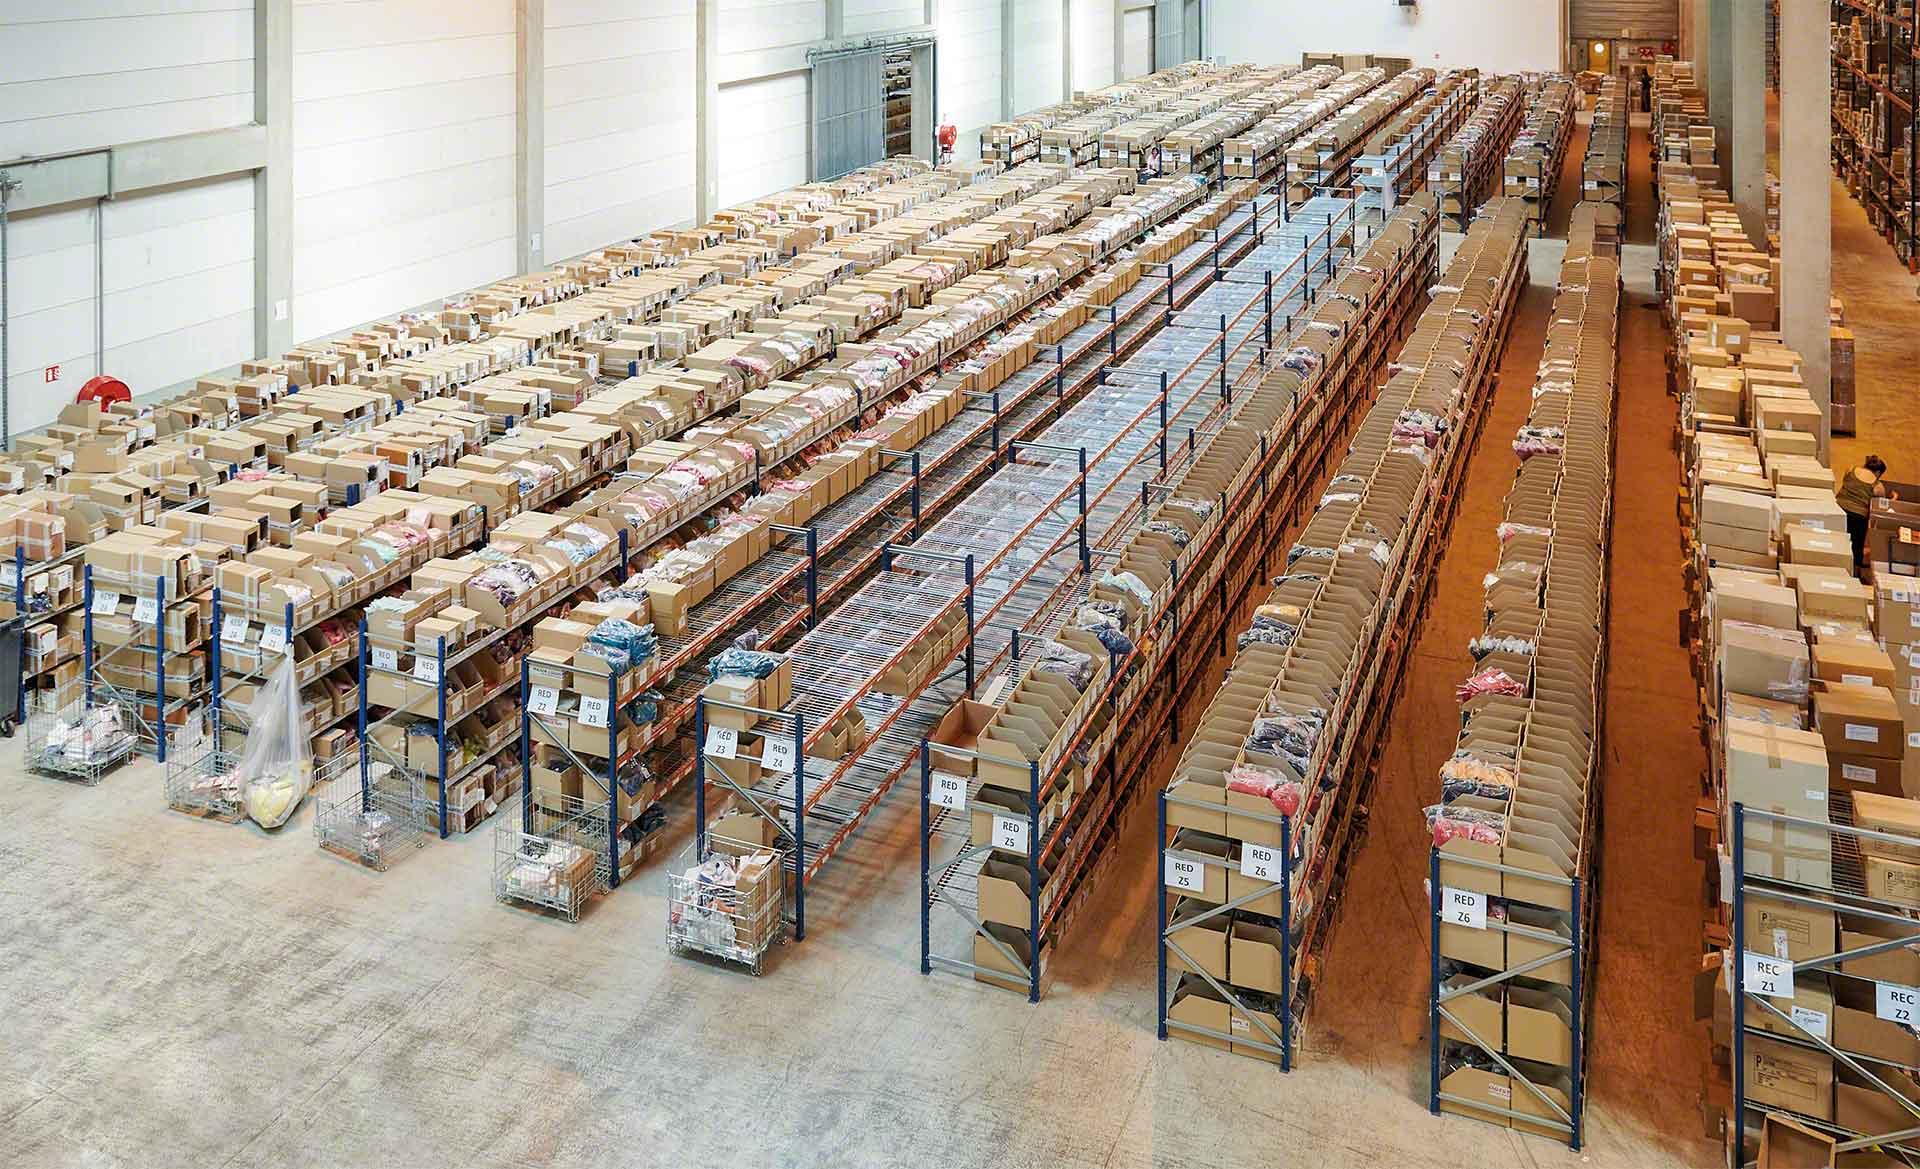 Il rifornimento delle scorte dovrebbe essere organizzato in modo tale che gli scaffali per picking contengano sempre i prodotti necessari